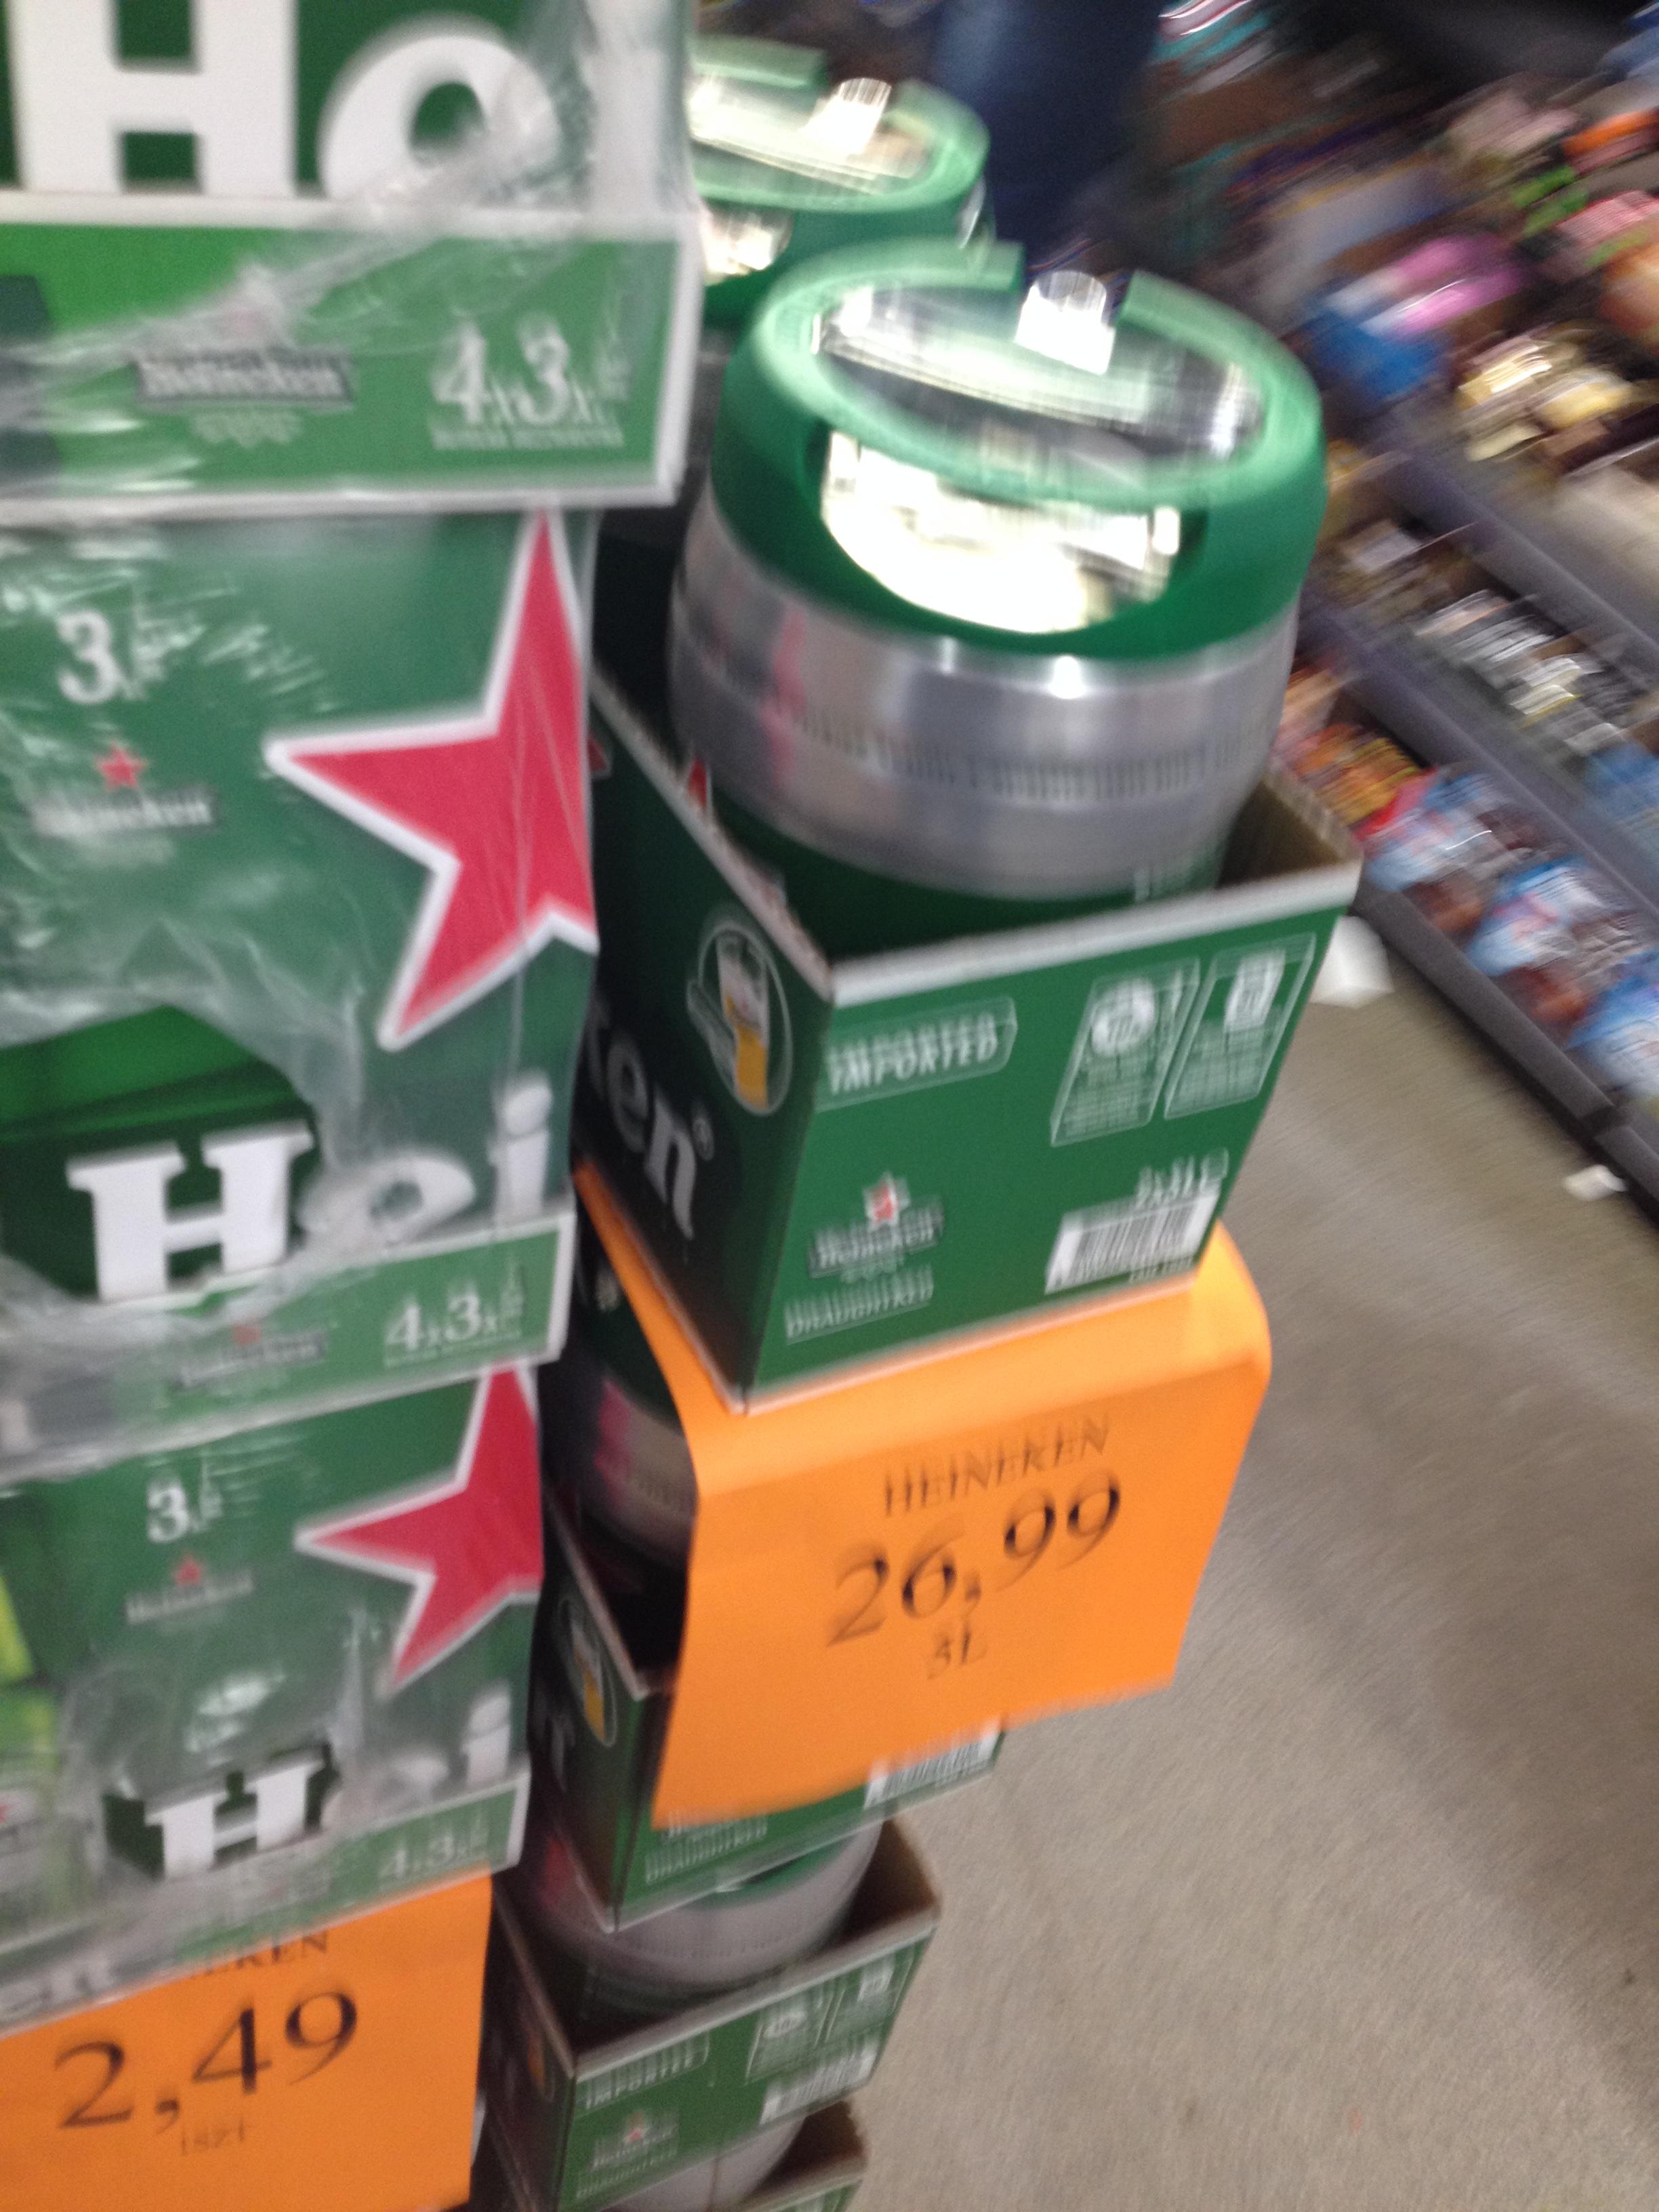 Piwo Heineken 5L plus kilka innych promocji Wrocław Longinus Dworcowa